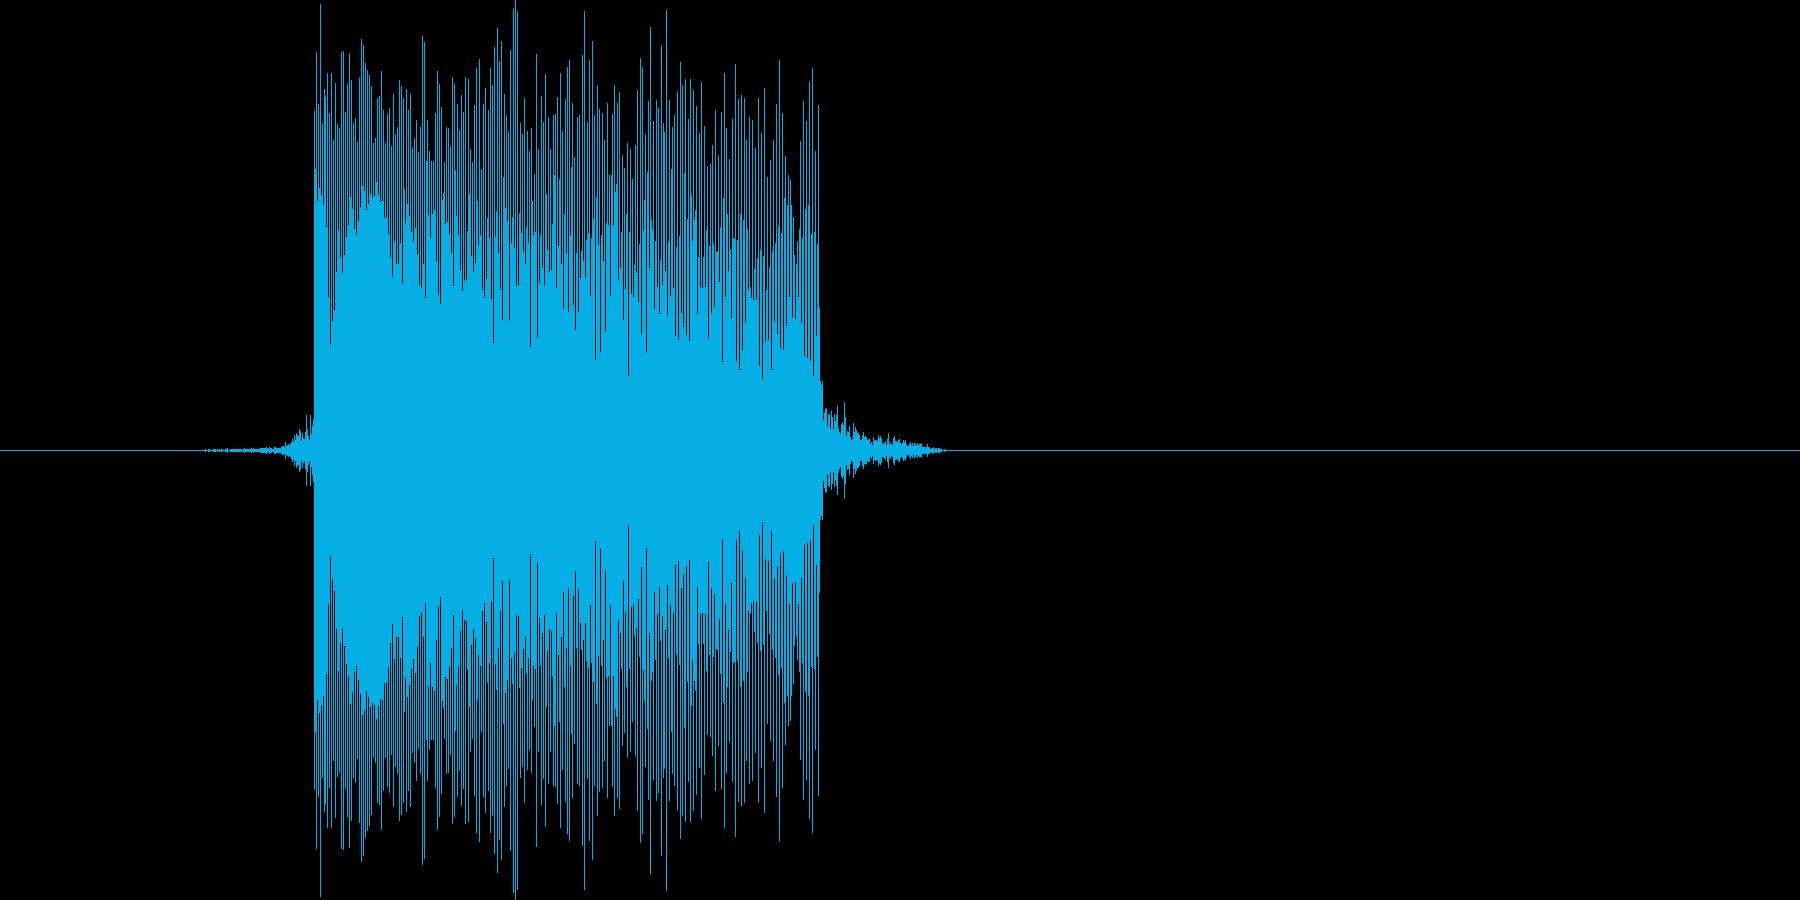 ゲーム(ファミコン風)レーザー音_014の再生済みの波形